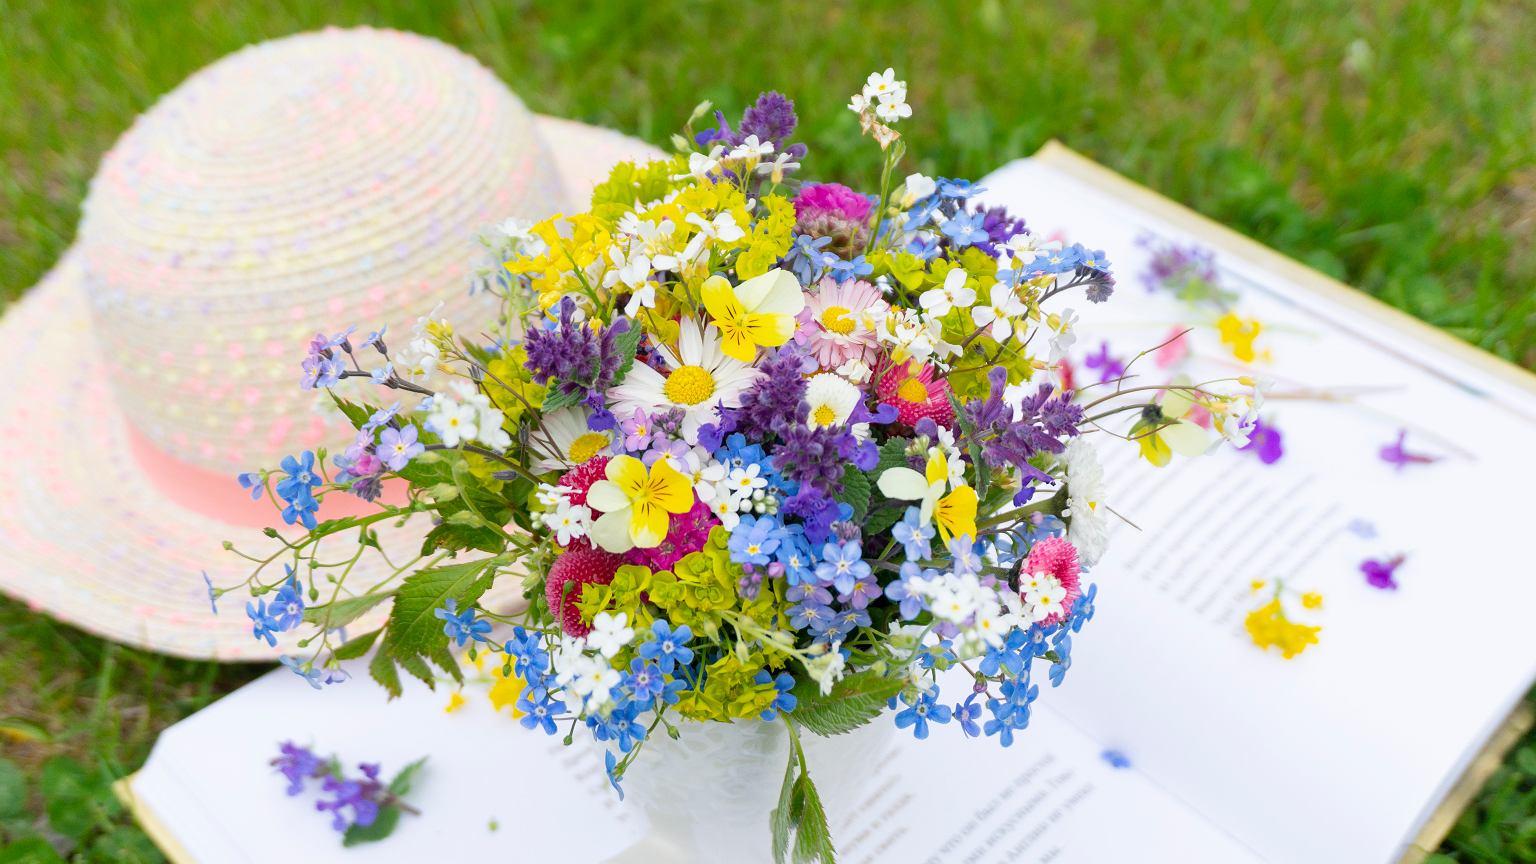 Wiosenny nastrój warto pielęgnować